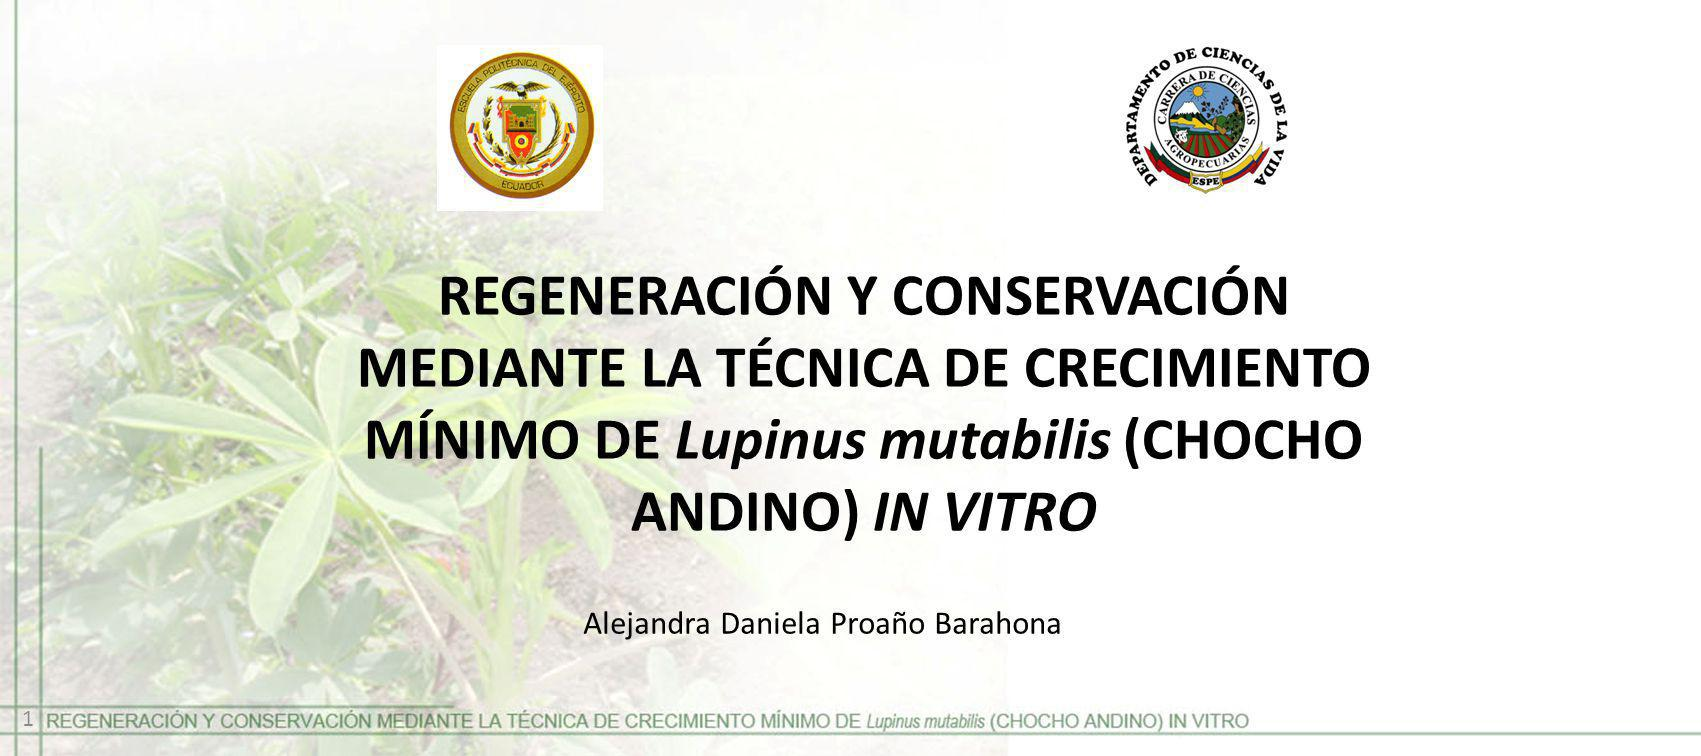 REGENERACIÓN Y CONSERVACIÓN MEDIANTE LA TÉCNICA DE CRECIMIENTO MÍNIMO DE Lupinus mutabilis (CHOCHO ANDINO) IN VITRO